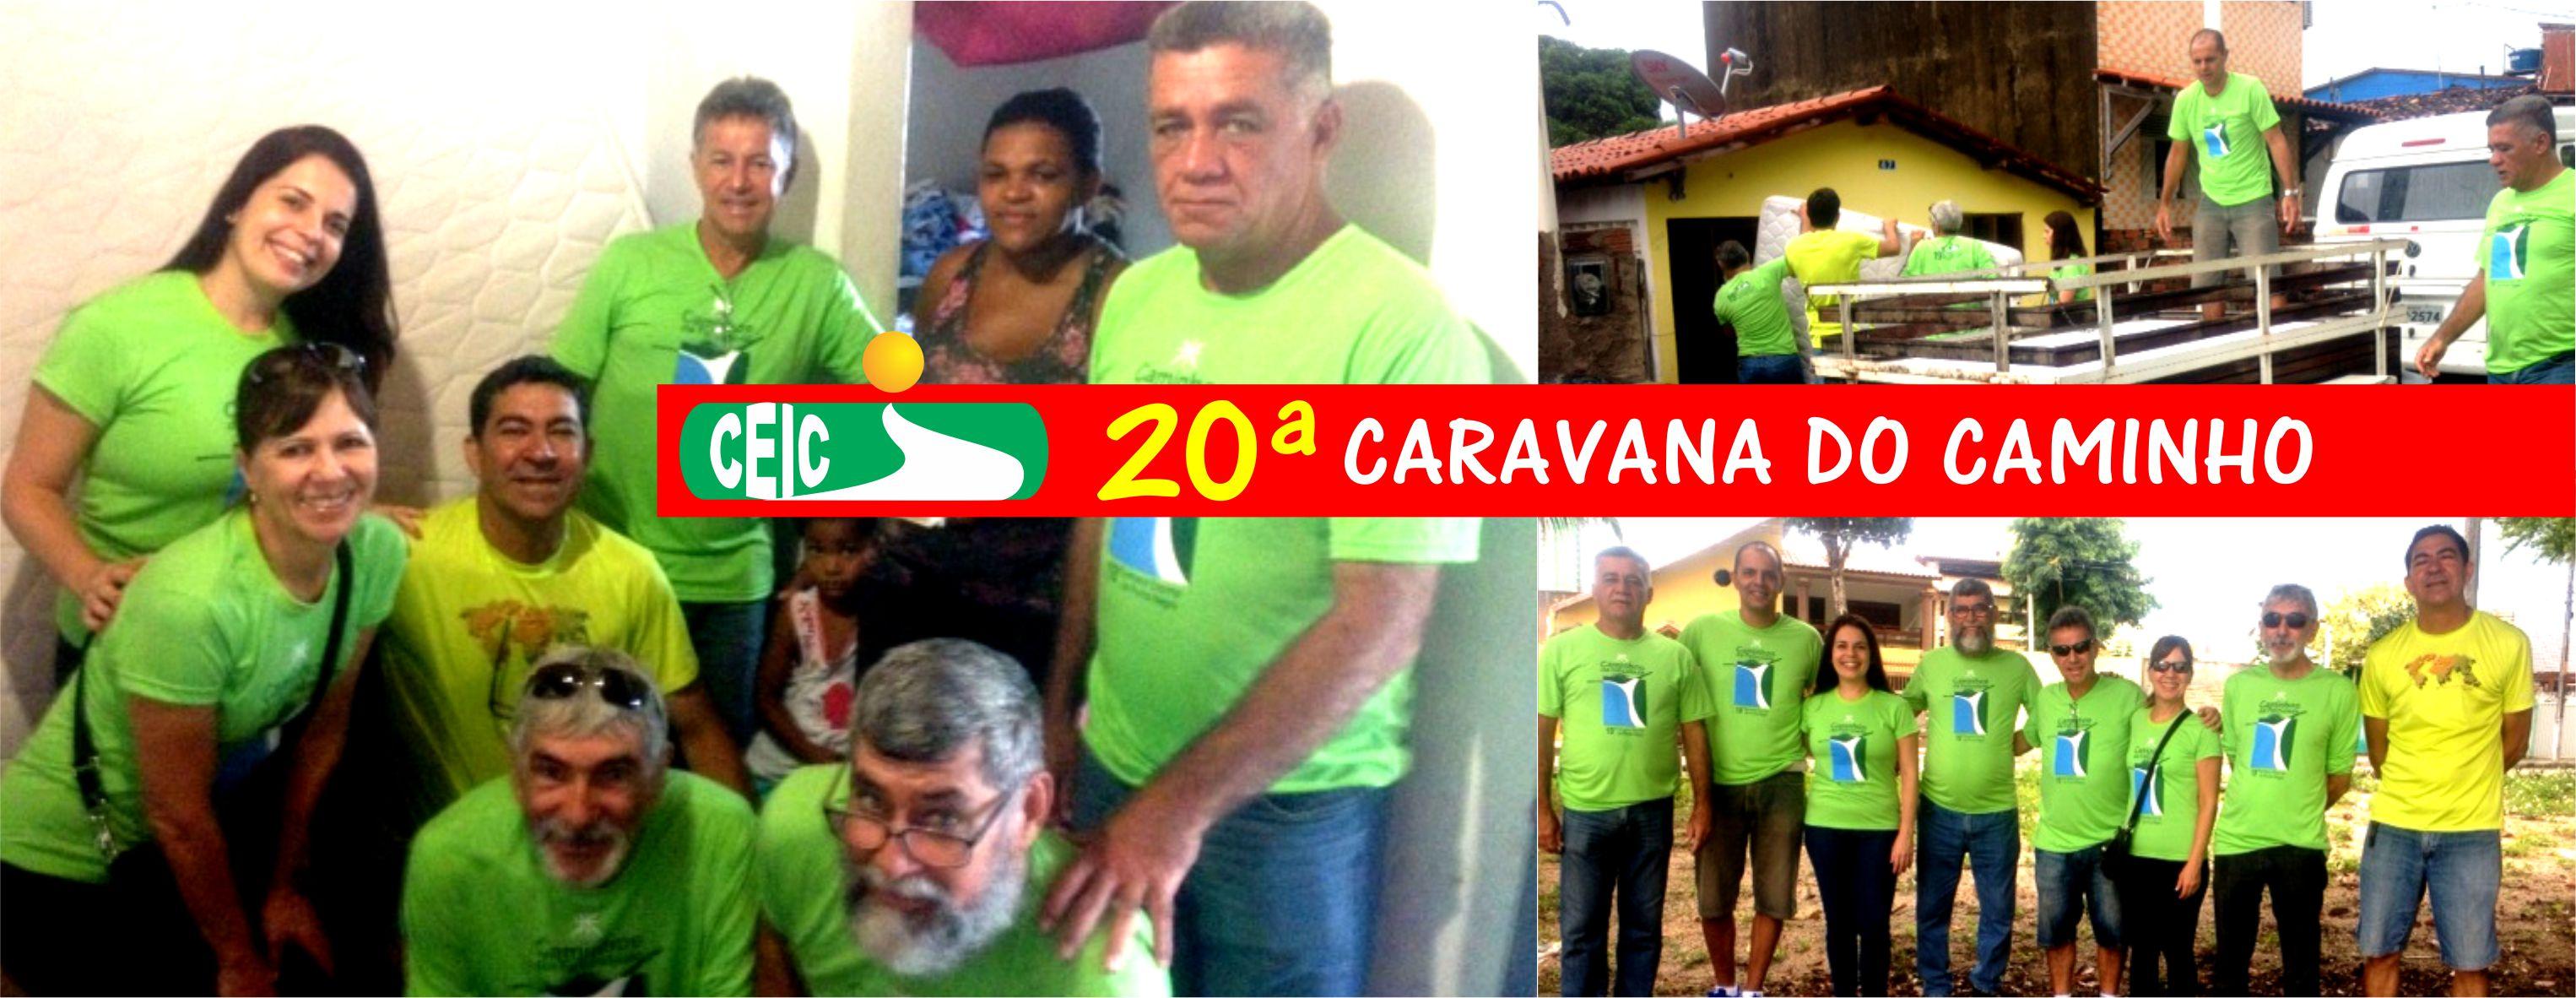 Caravana beneficia mais uma família